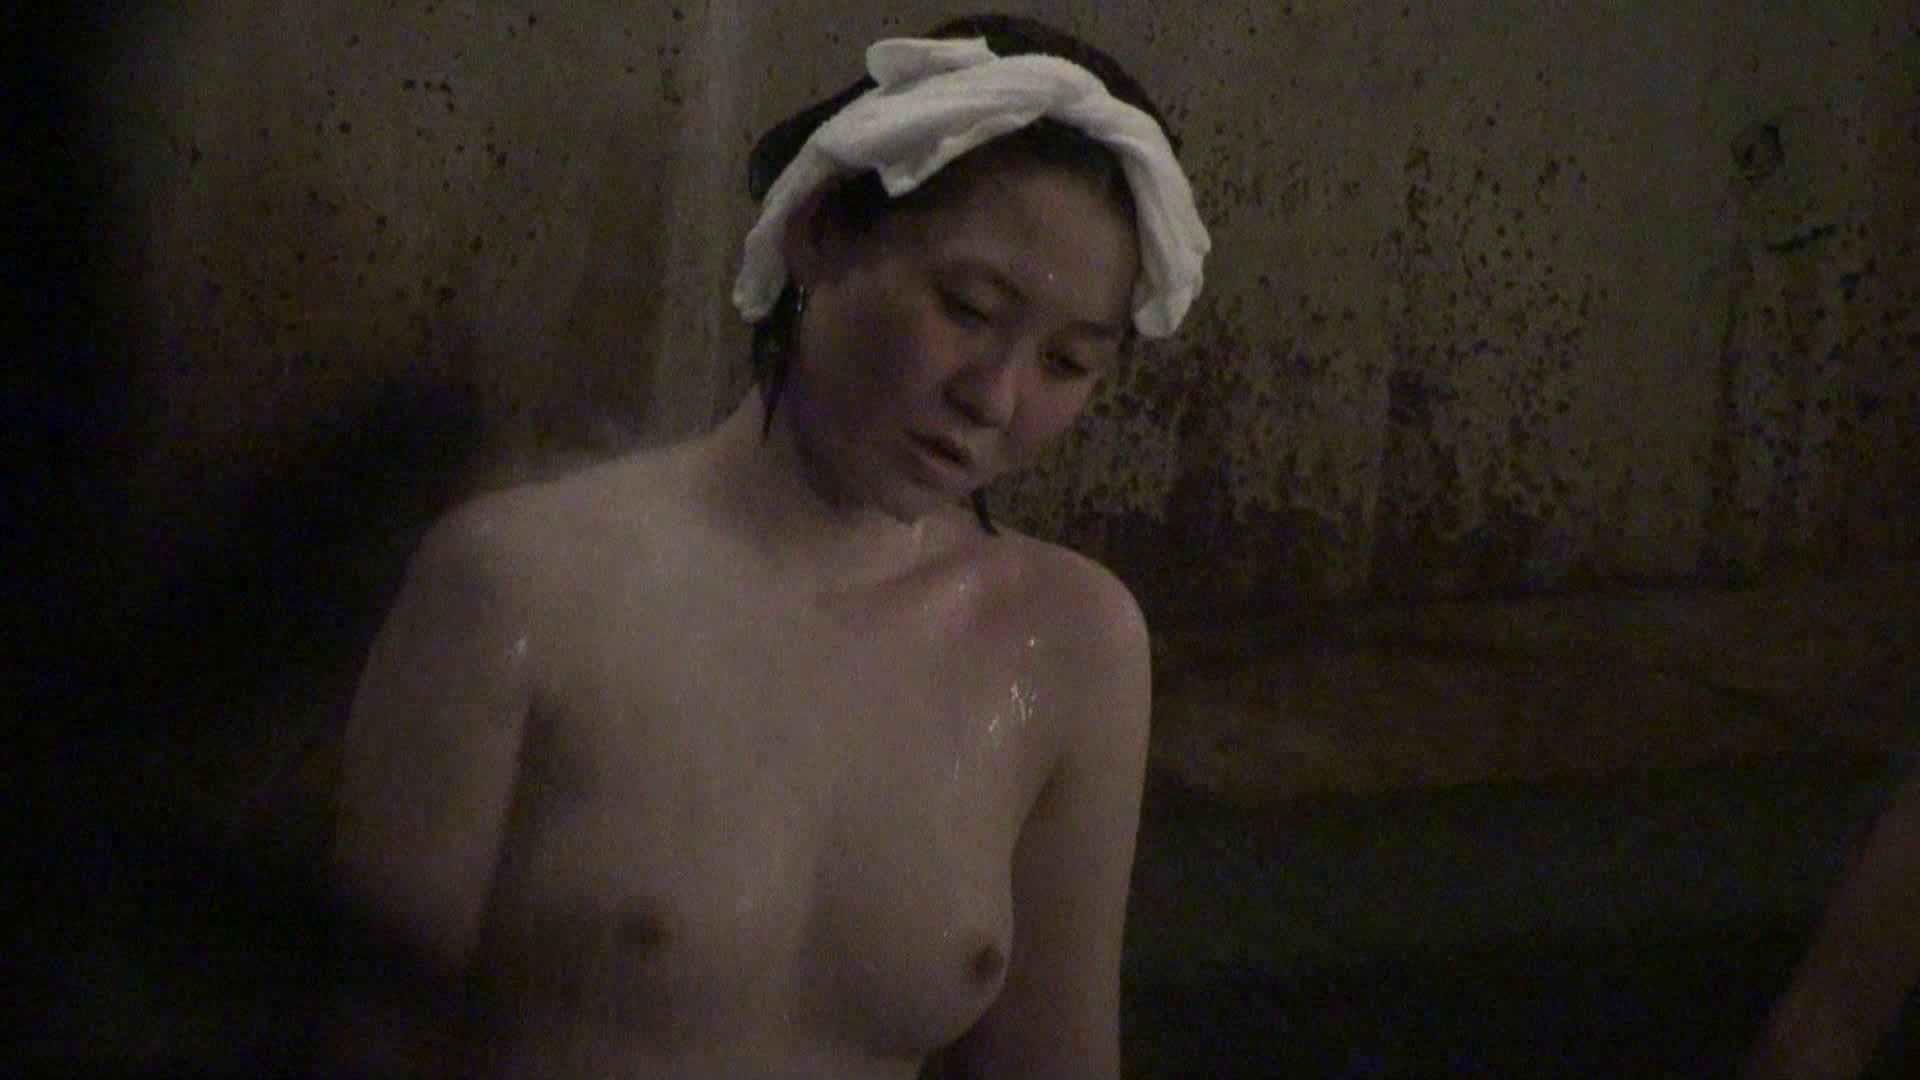 Aquaな露天風呂Vol.322 OLエロ画像  59PICs 54